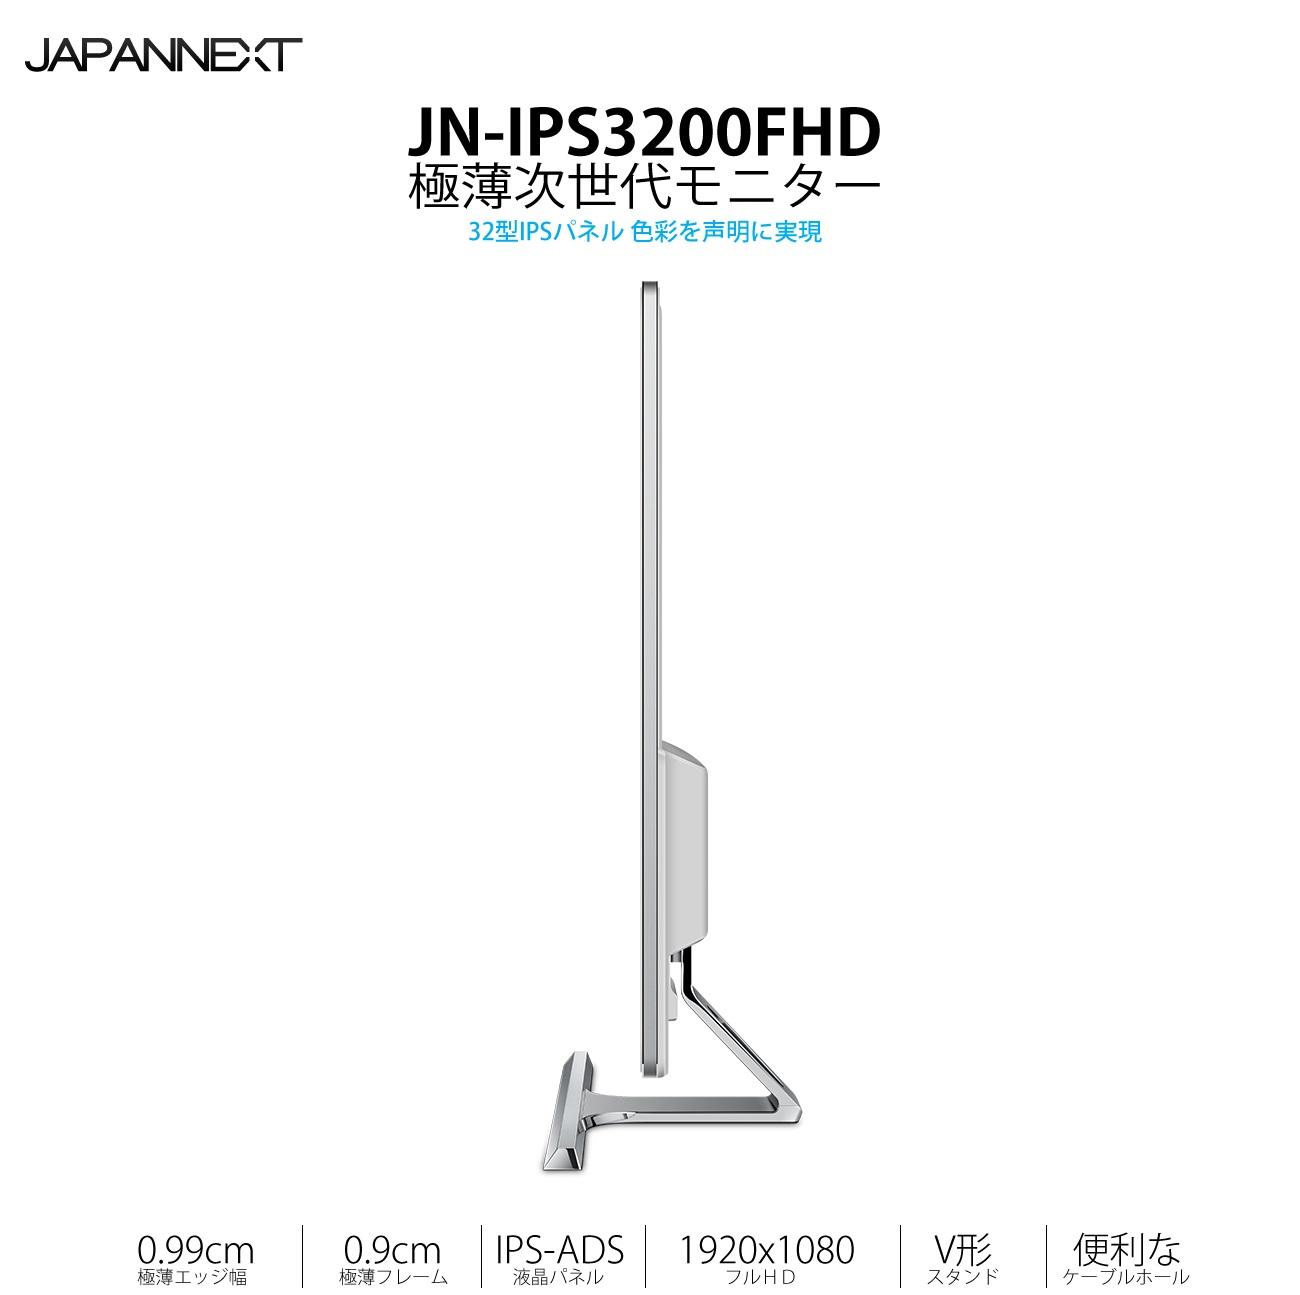 main-ips3200fhd-title-white-main